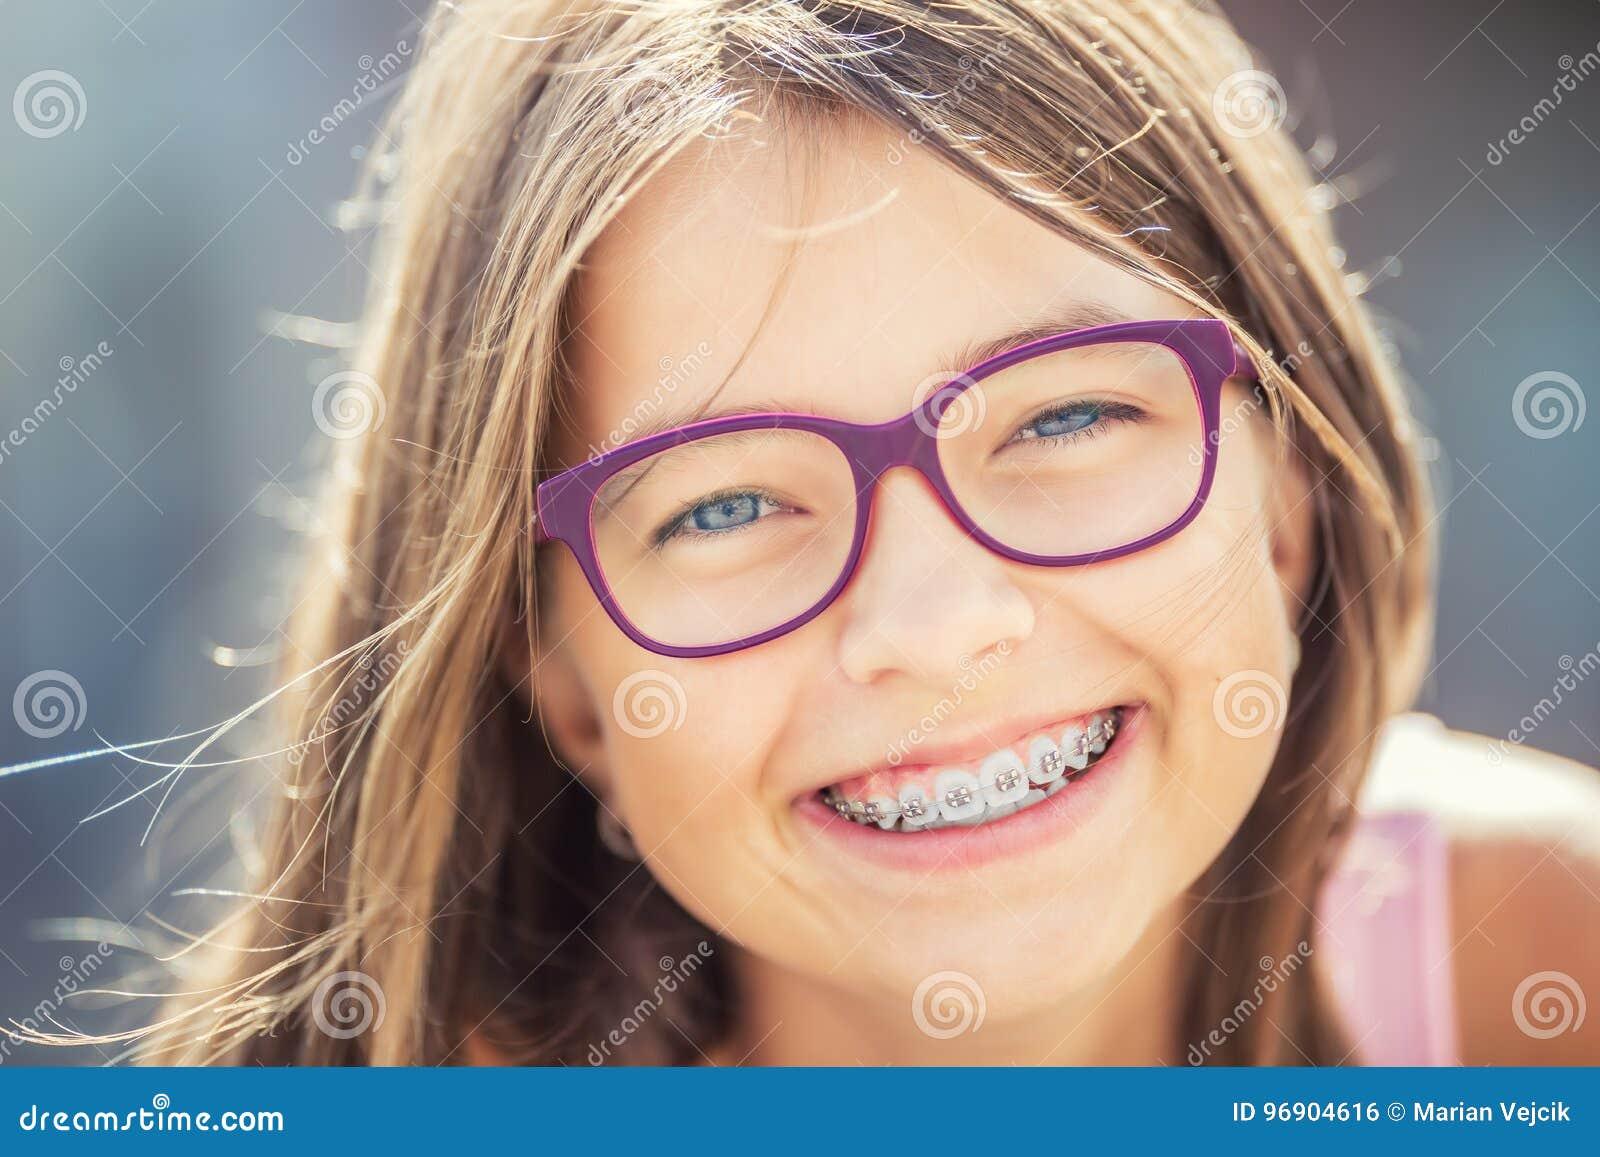 戴牙齿括号和眼镜的愉快的微笑的女孩 年轻逗人喜爱的白种人白肤金发的女孩佩带的牙括号和玻璃